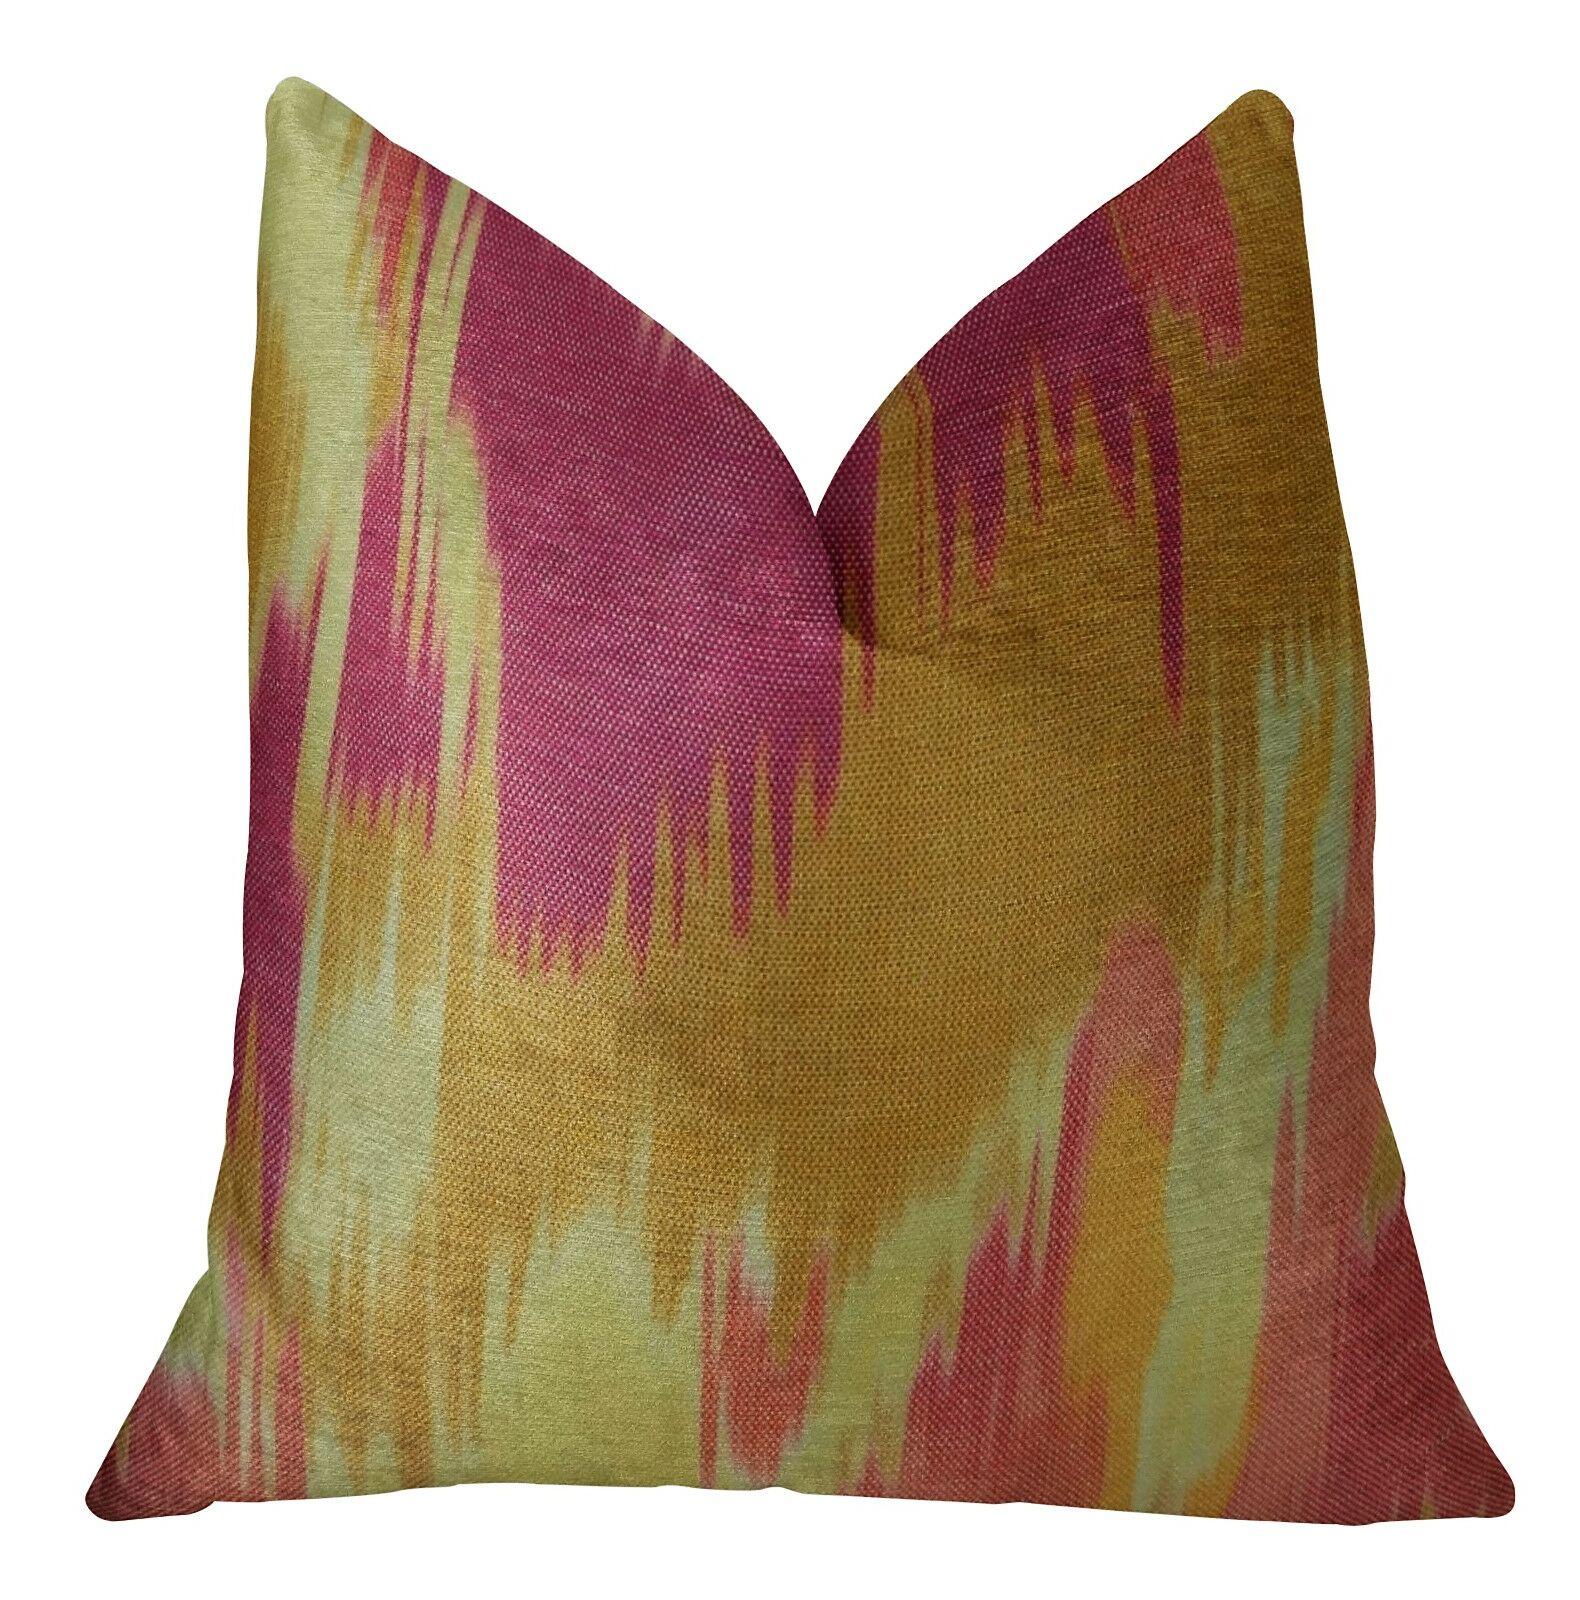 Gann Handmade Luxury Pillow Size: 20